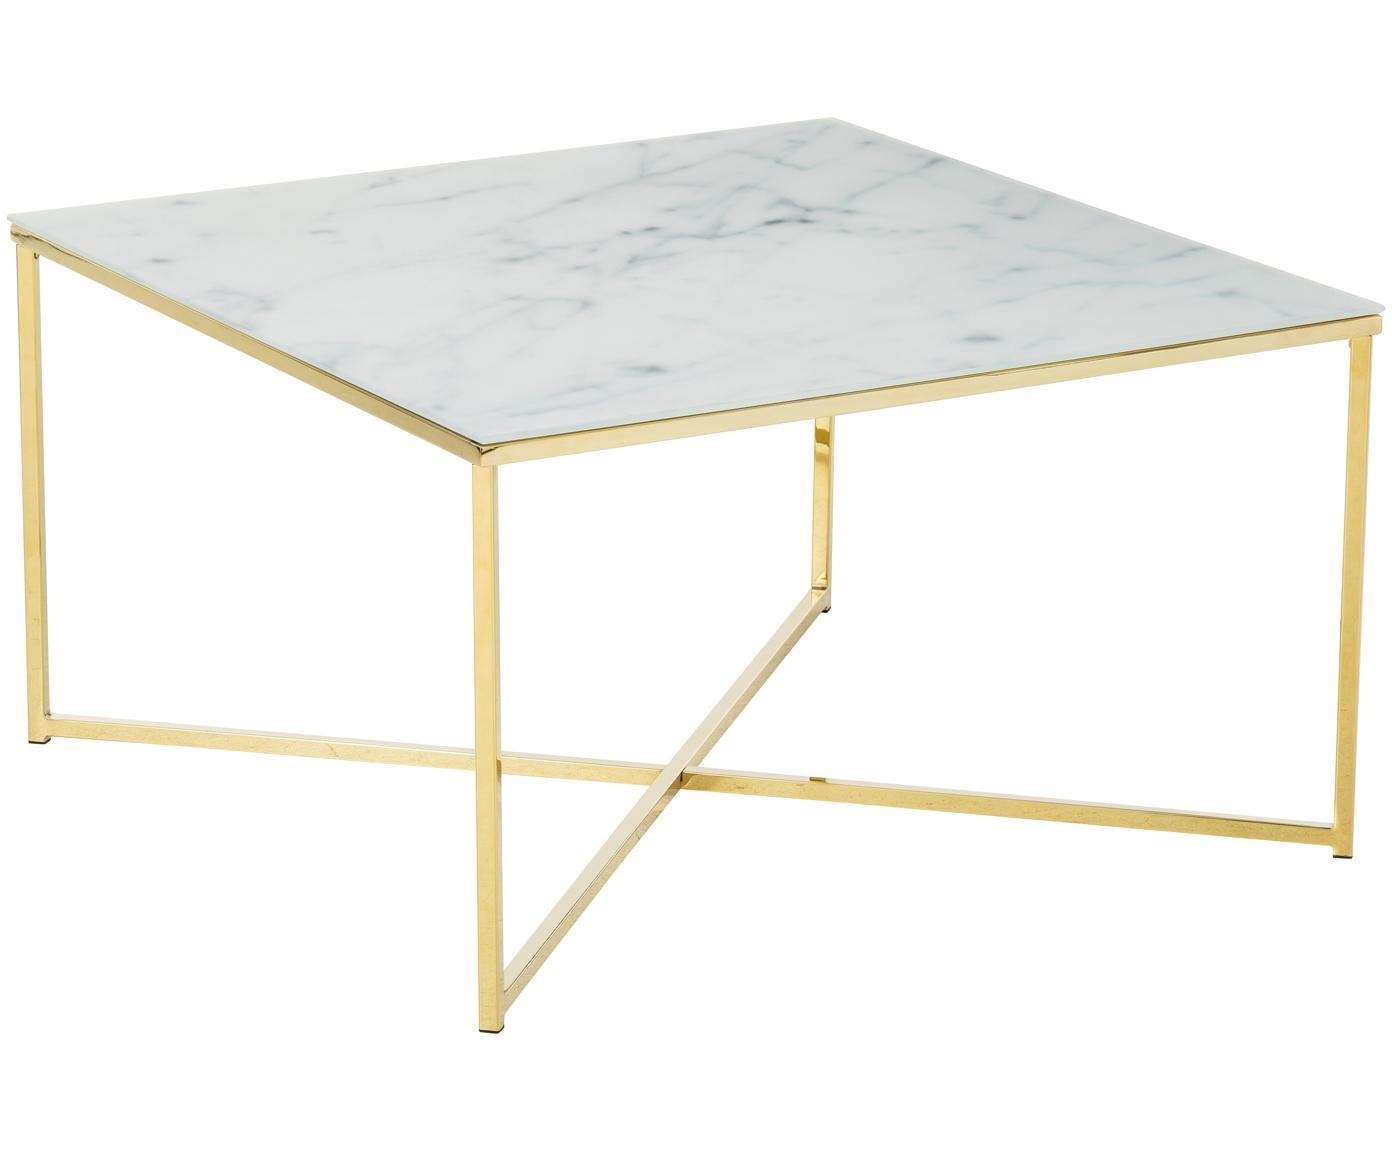 Tavolino da salotto con piano in vetro Antigua, Piano d'appoggio: vetro opaco stampato, Struttura: acciaio ottonato, Bianco, ottone, Larg. 80 x Alt. 45 cm